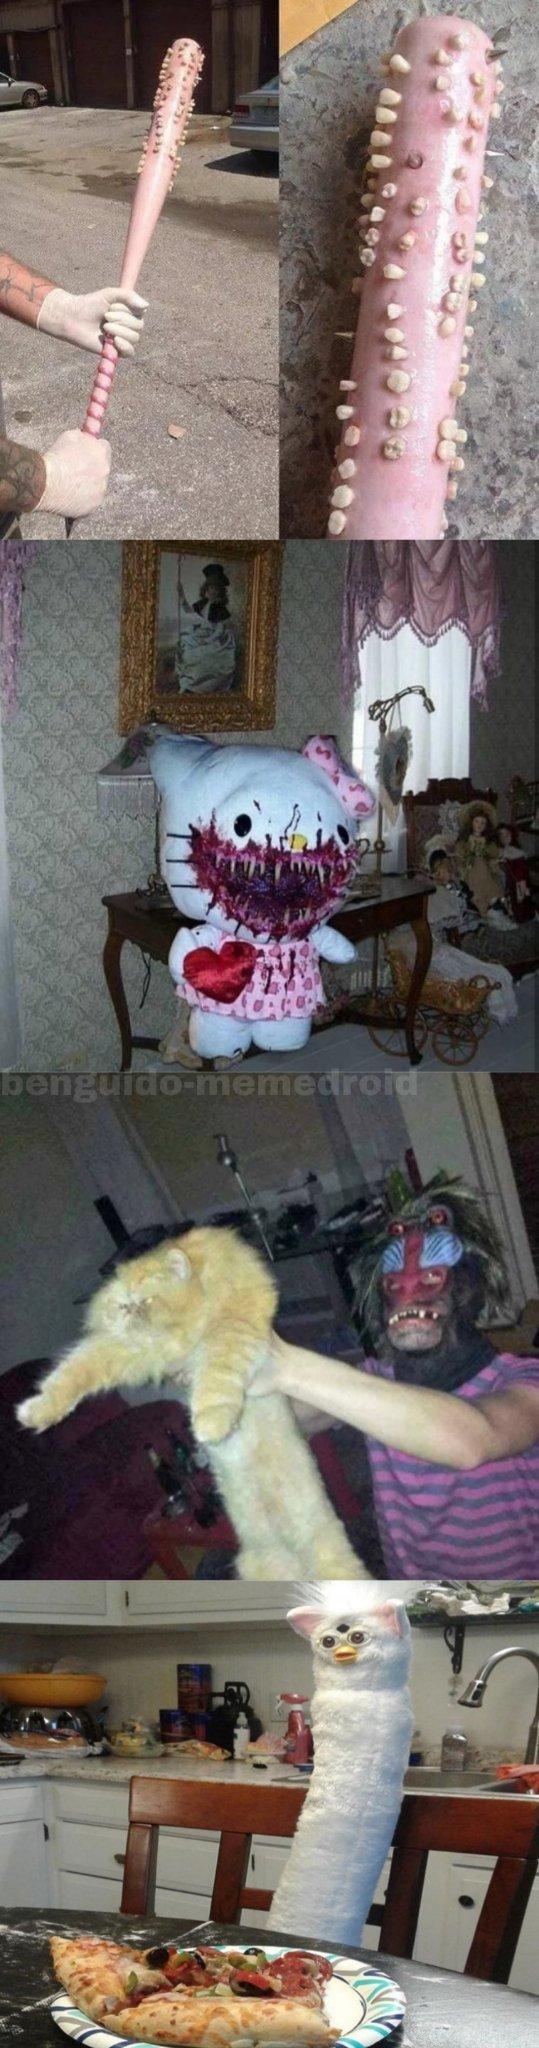 Unas cursed images porke si - meme